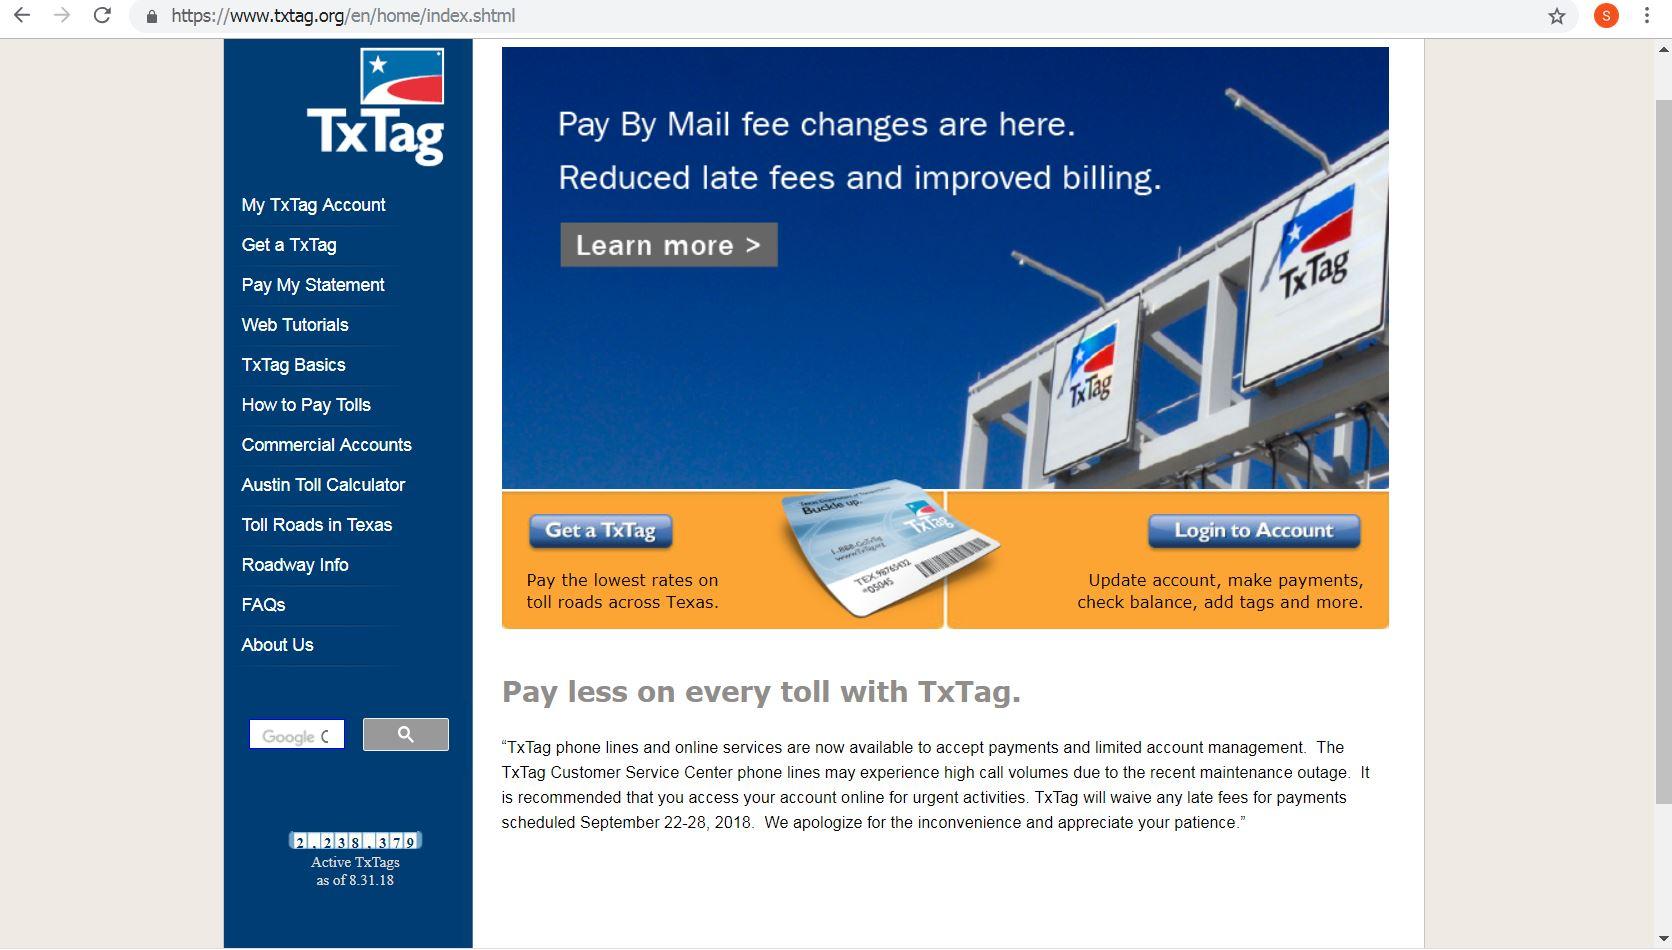 TxTag homepage_1537975076259.JPG.jpg